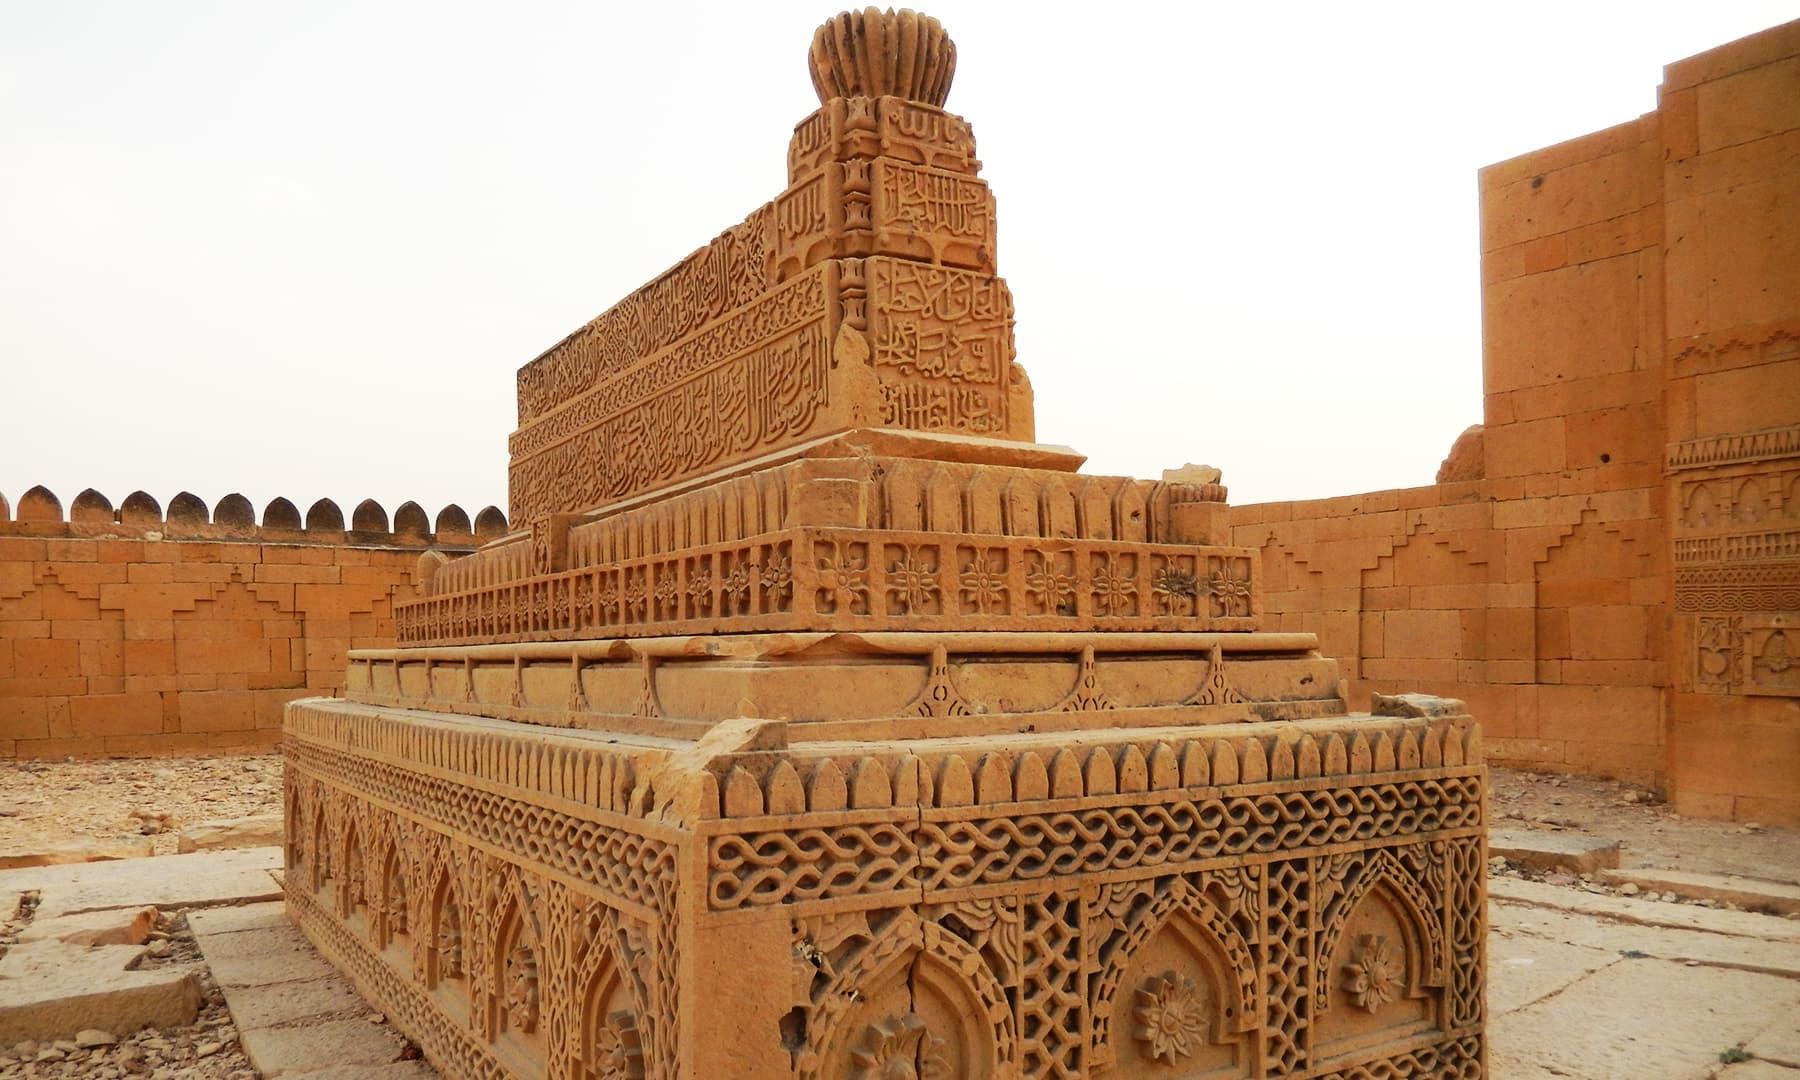 مکلی کے مقام پر موجود سنگتراشی کے نمونے— تصویر ابوبکر شیخ